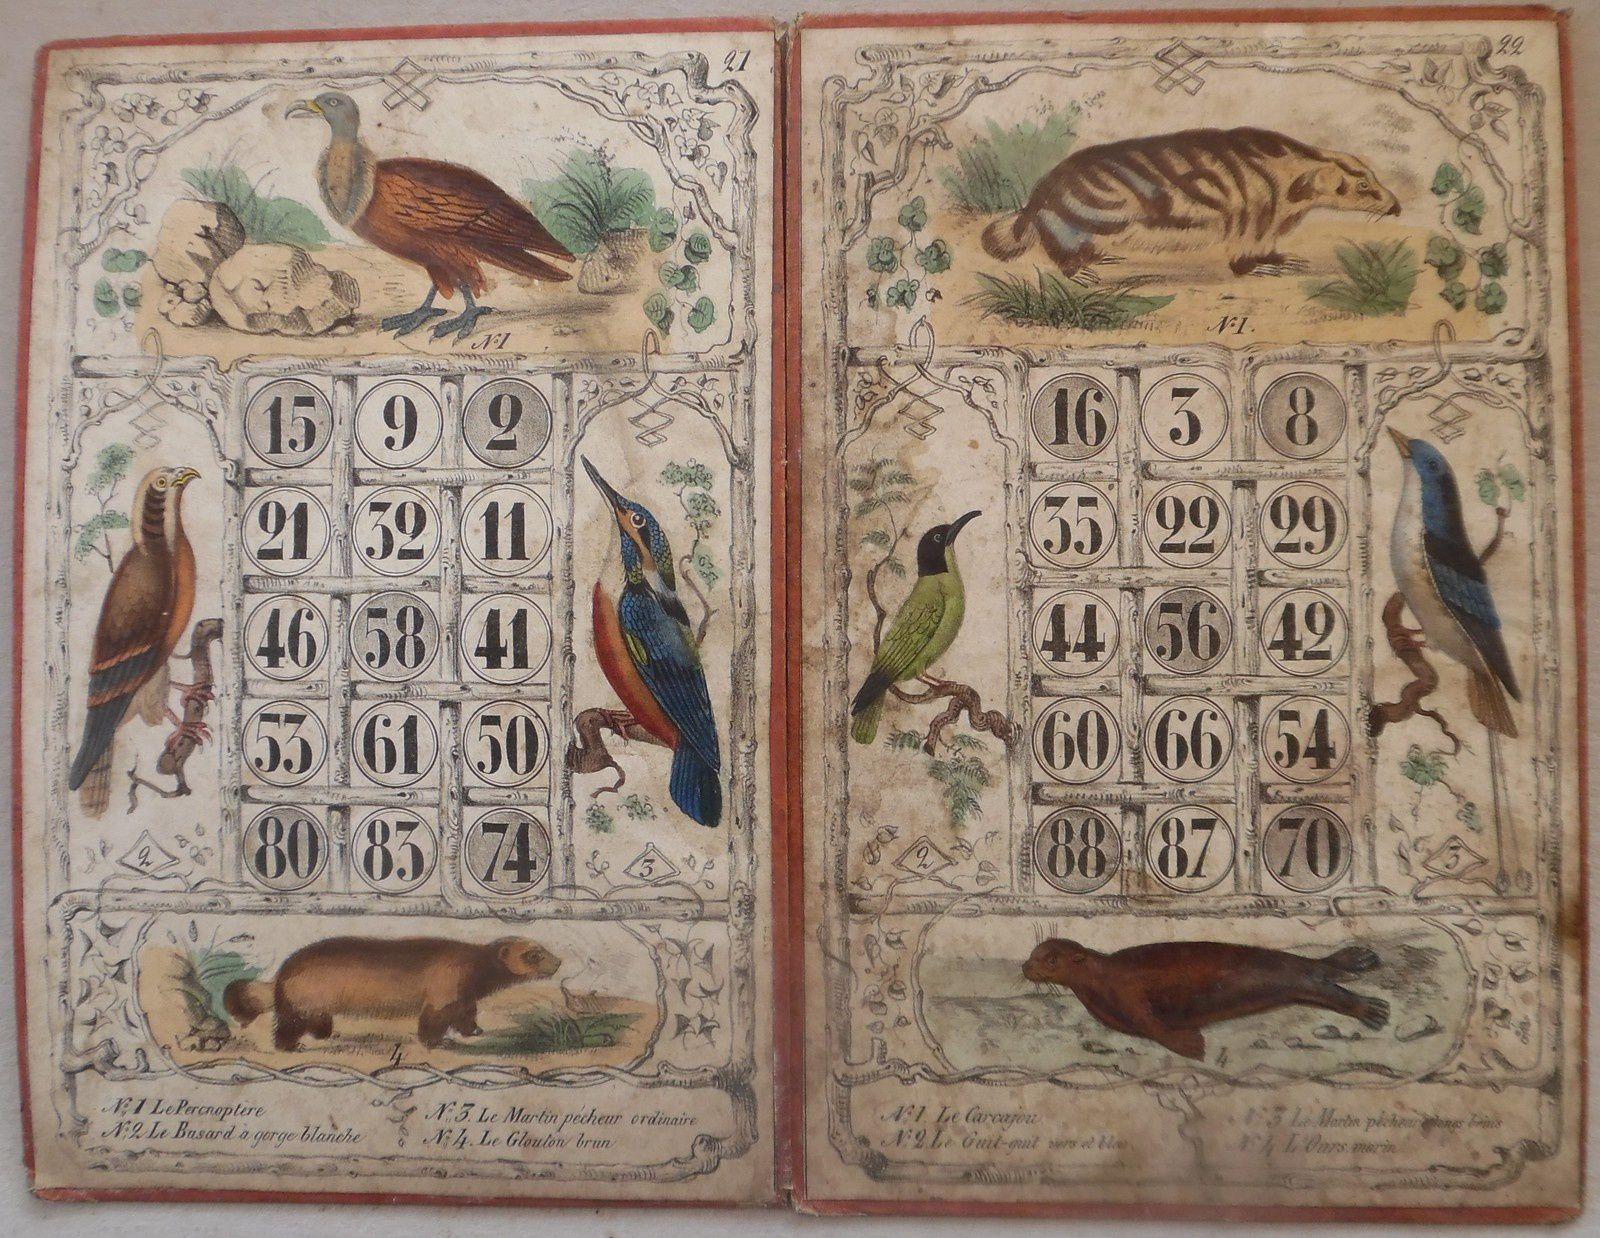 c 21 : le Percnoptère, le Busard à gorge blanche, le Martin pêcheur ordinaire, le Glouton brun - c22 : le Carcajou, le Guit-guit vert et bleu, le Martin pêcheur à longs brins, l'Ours marin